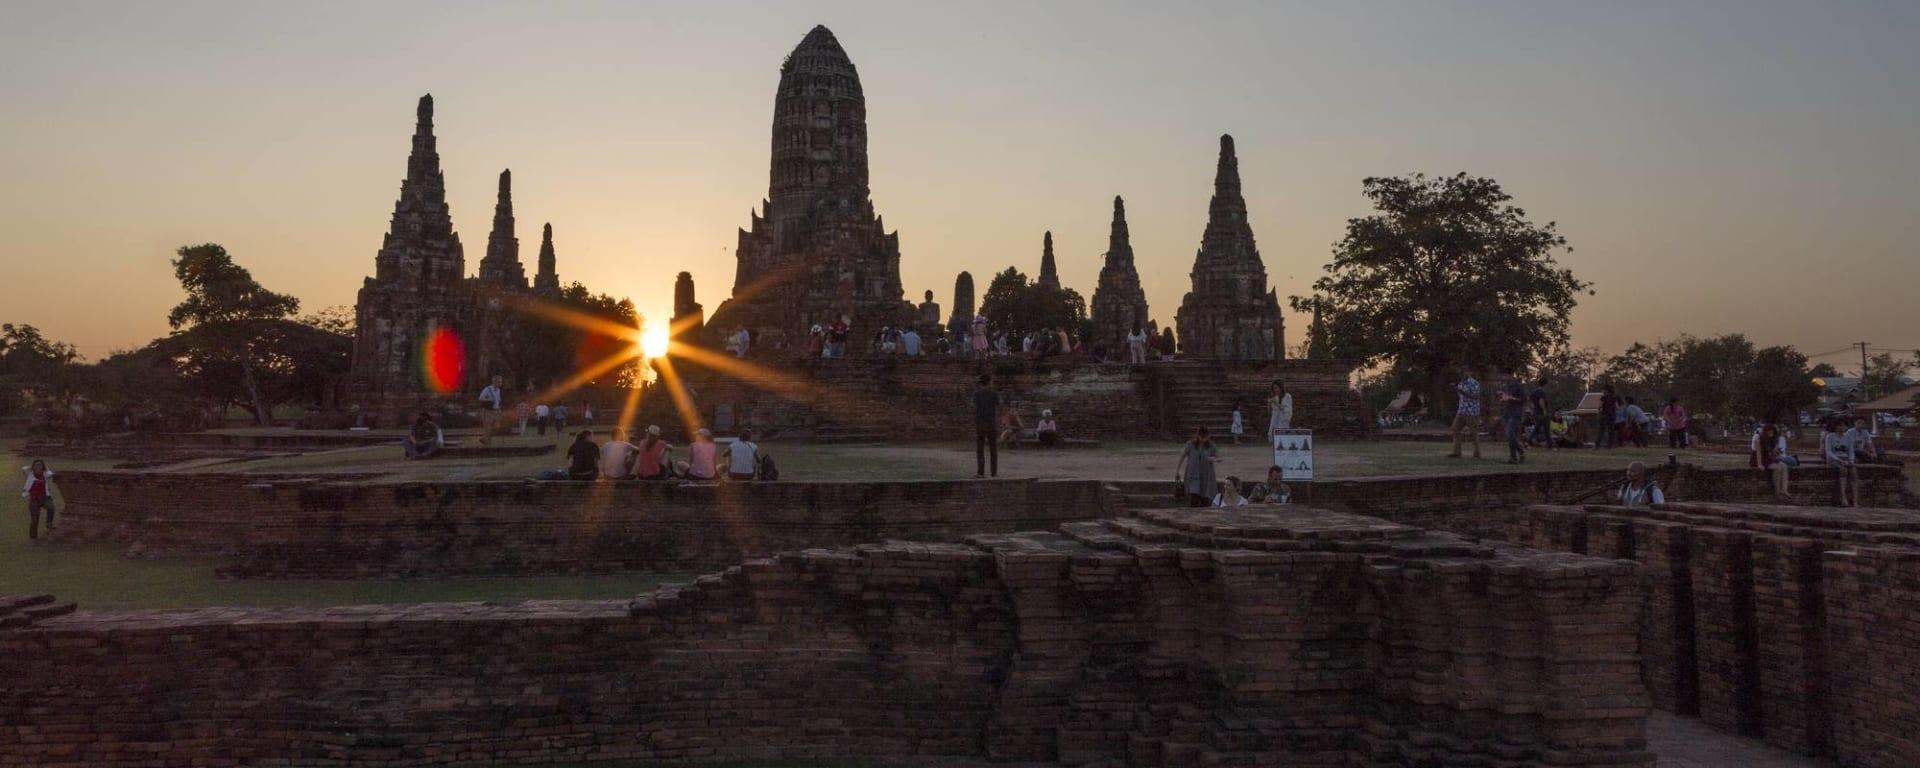 Unbekannter I-San ab Bangkok: Ayutthaya